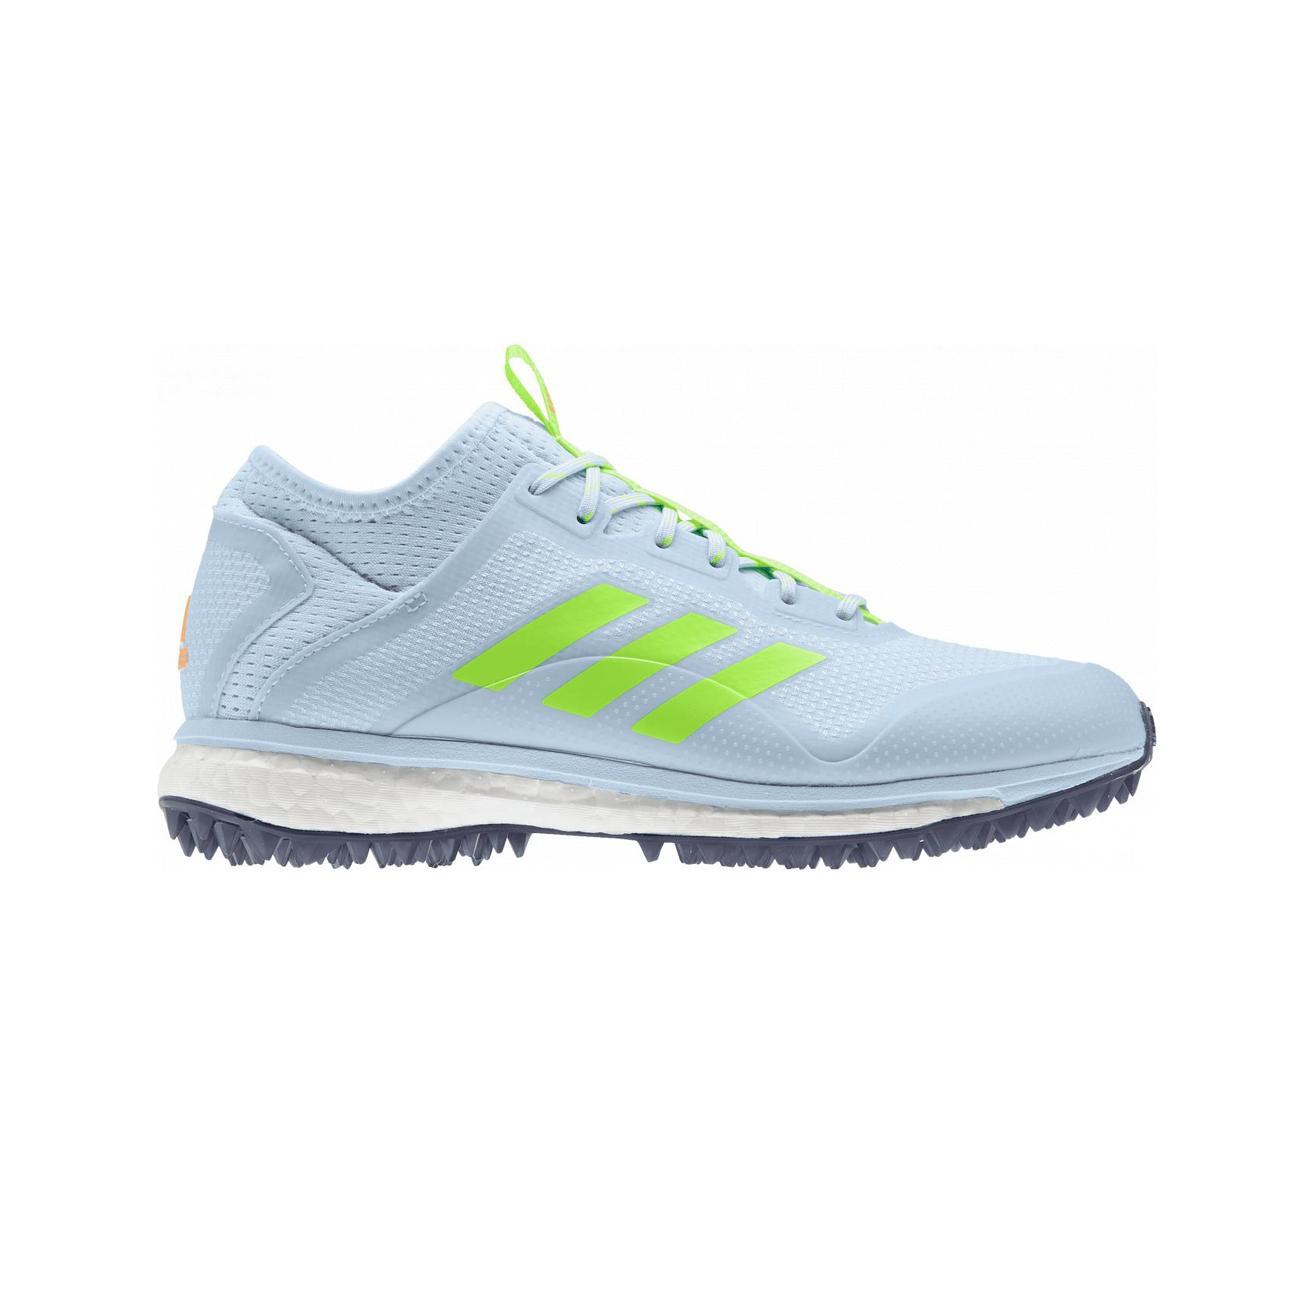 Adidas Hockey Shoes - Adidas Fabela X